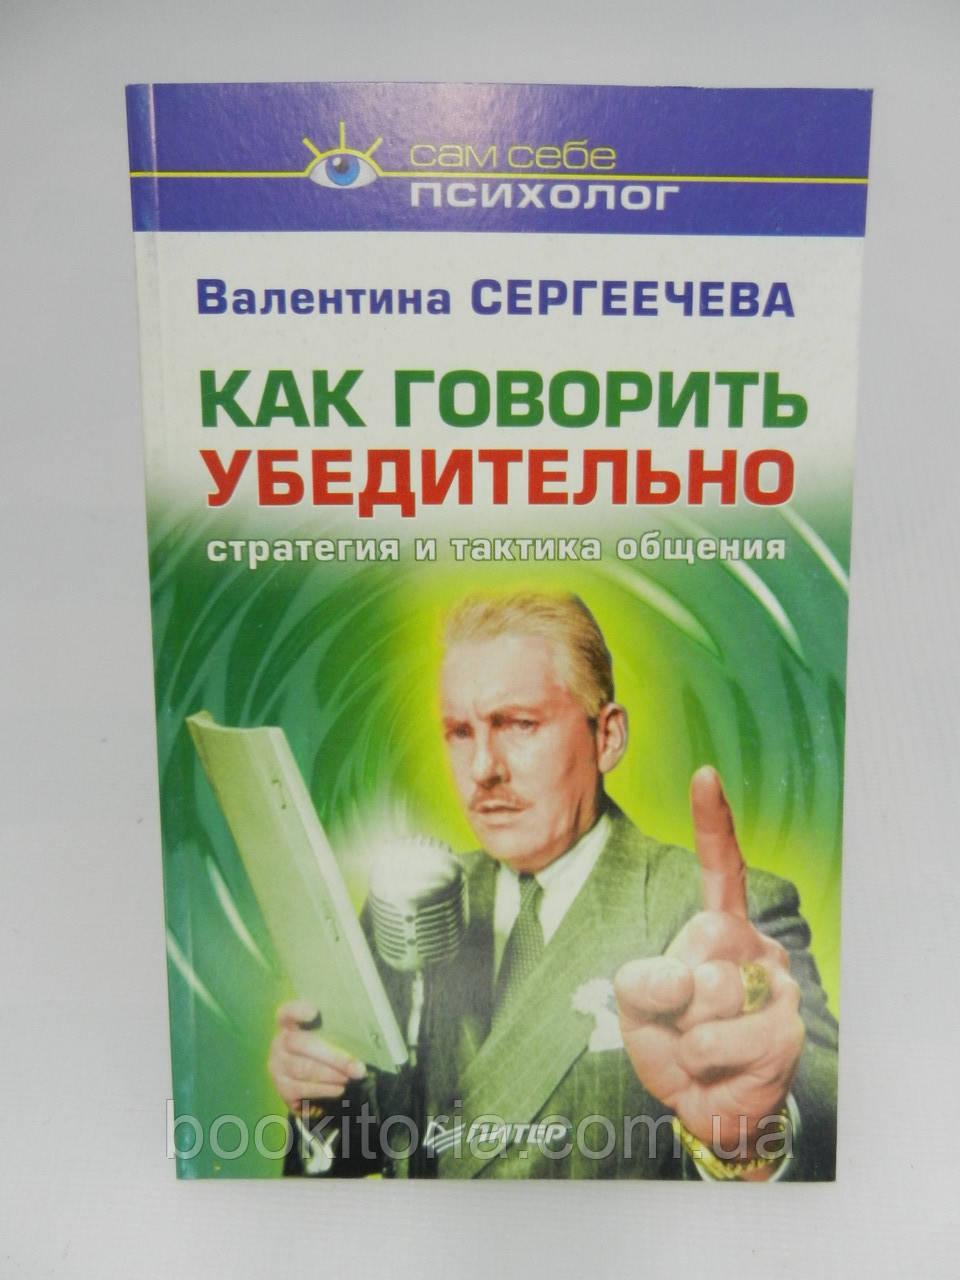 Сергеечева В. Как говорить убедительно (б/у).